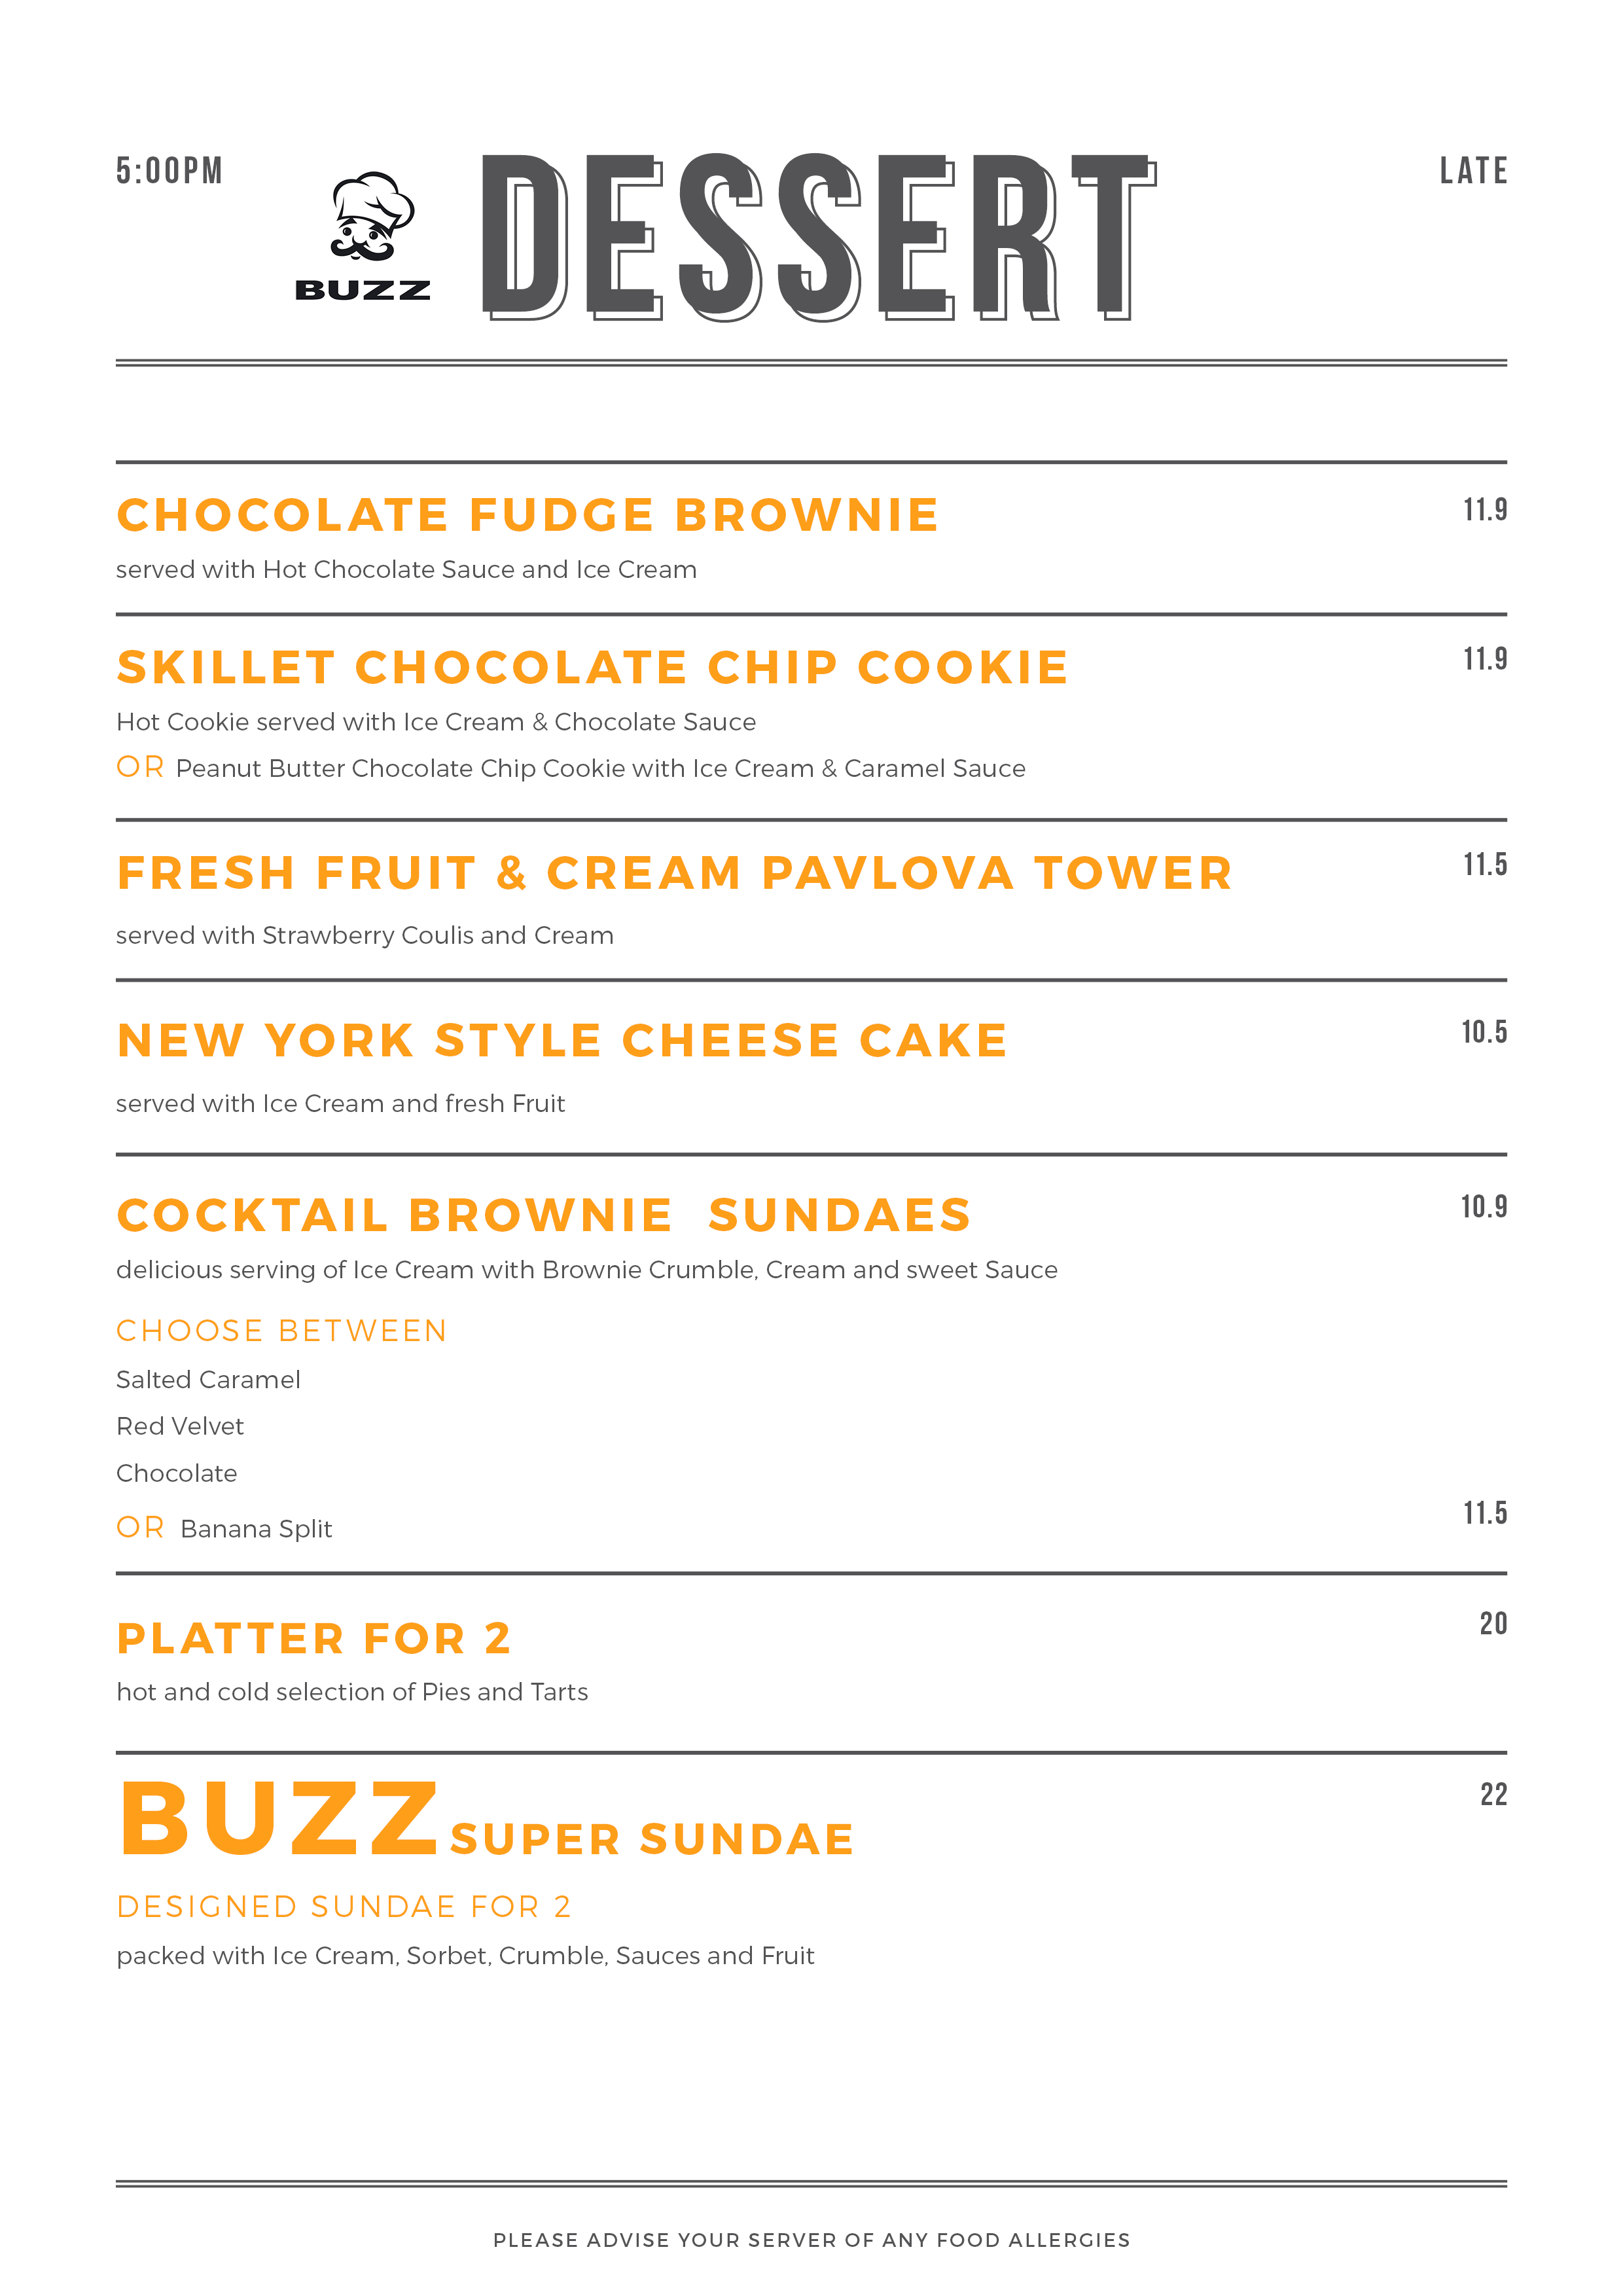 Buzz Dessert Menu.jpg